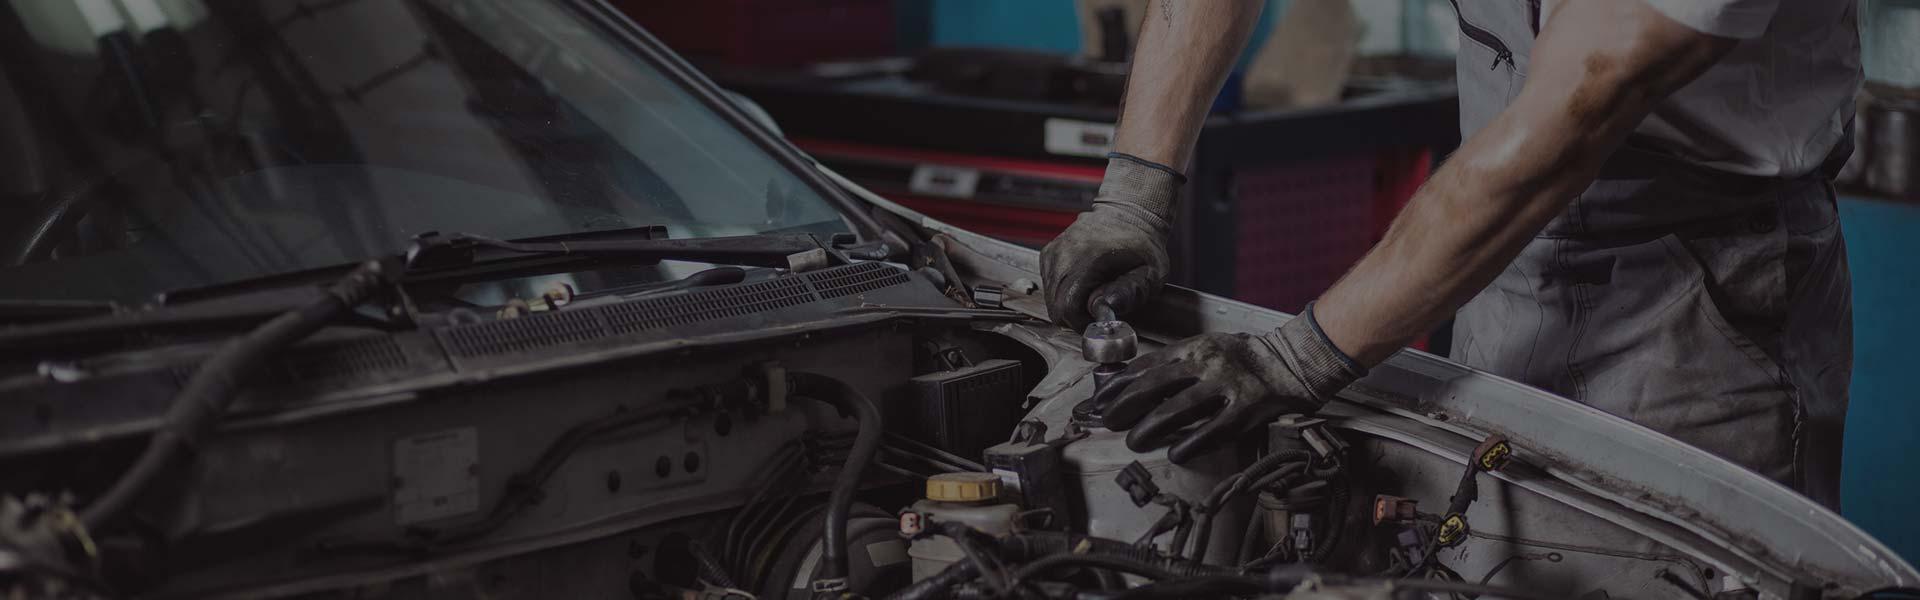 Après vente, réparation, mécanique et carosserie